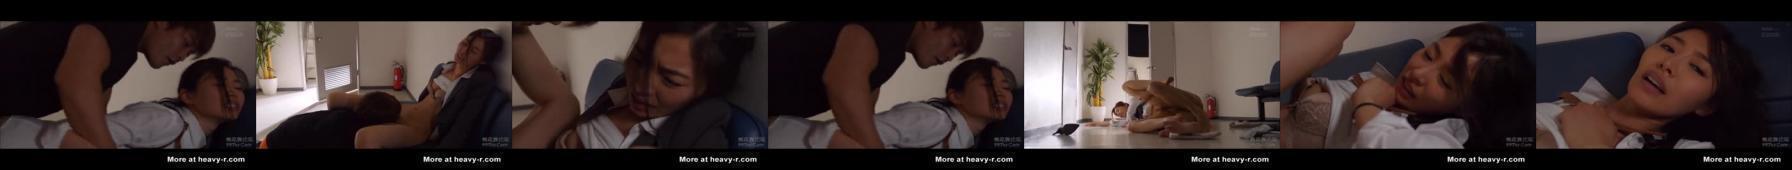 Azjatka zgwałcona w pracy przez kolegę